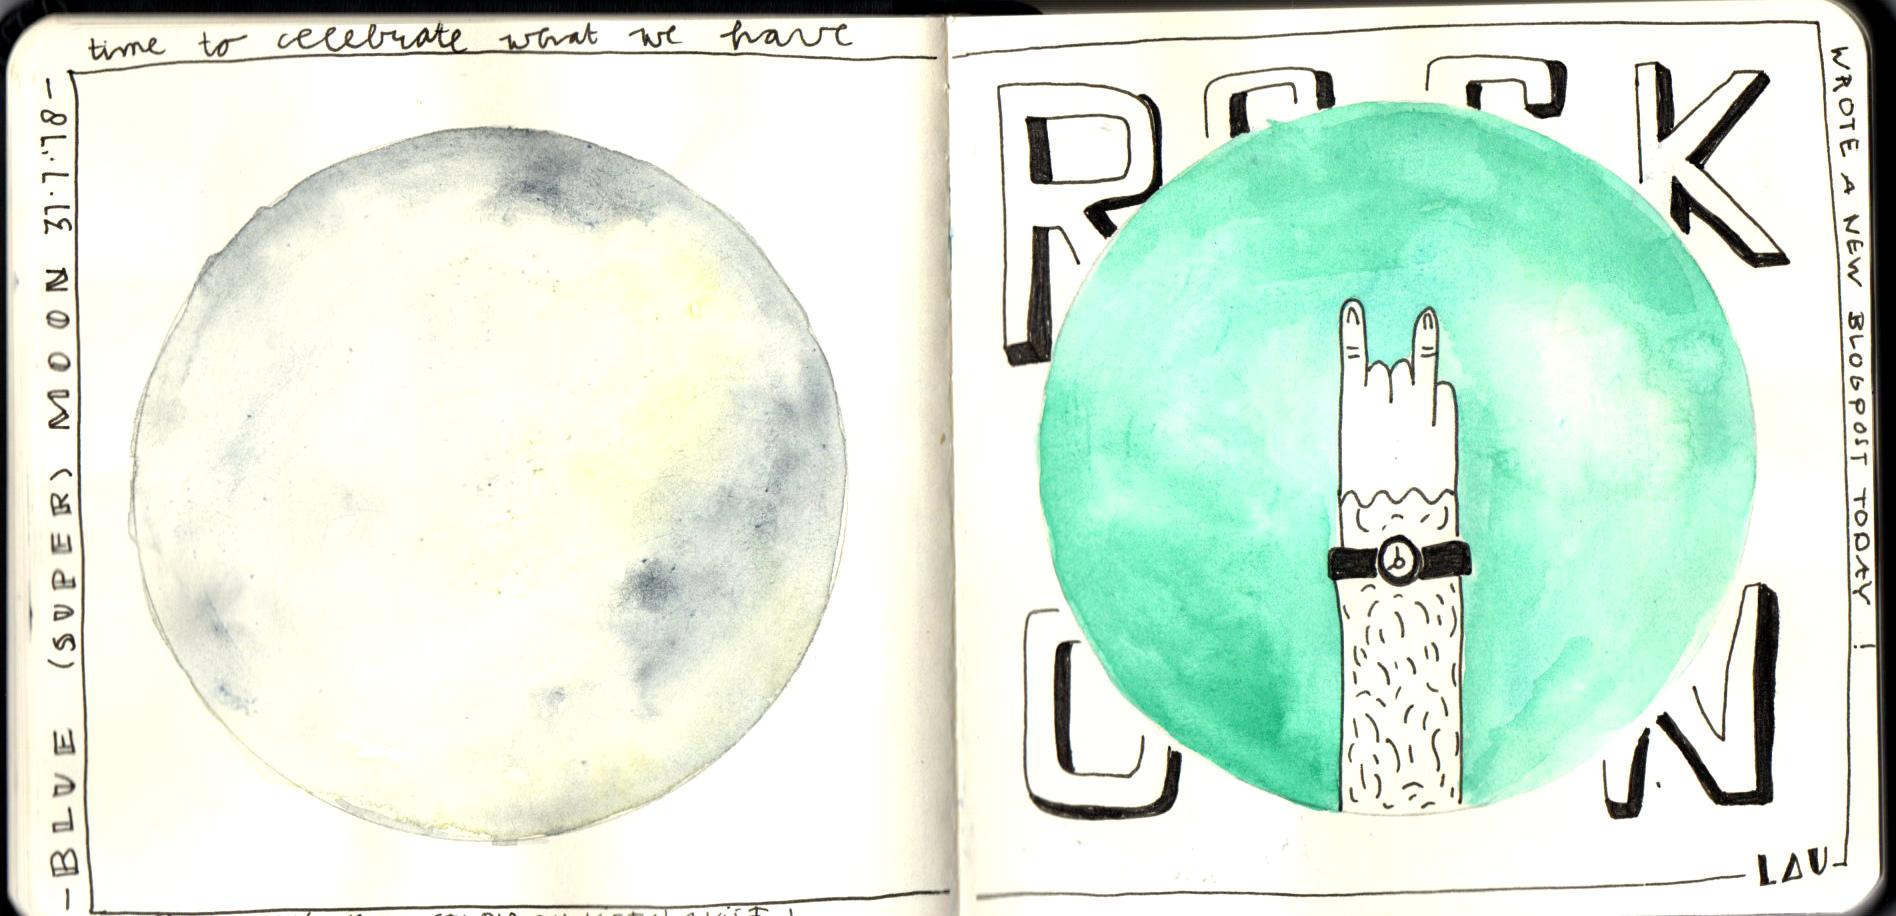 Dreamit Drawit Doit 10 Laurien Baart